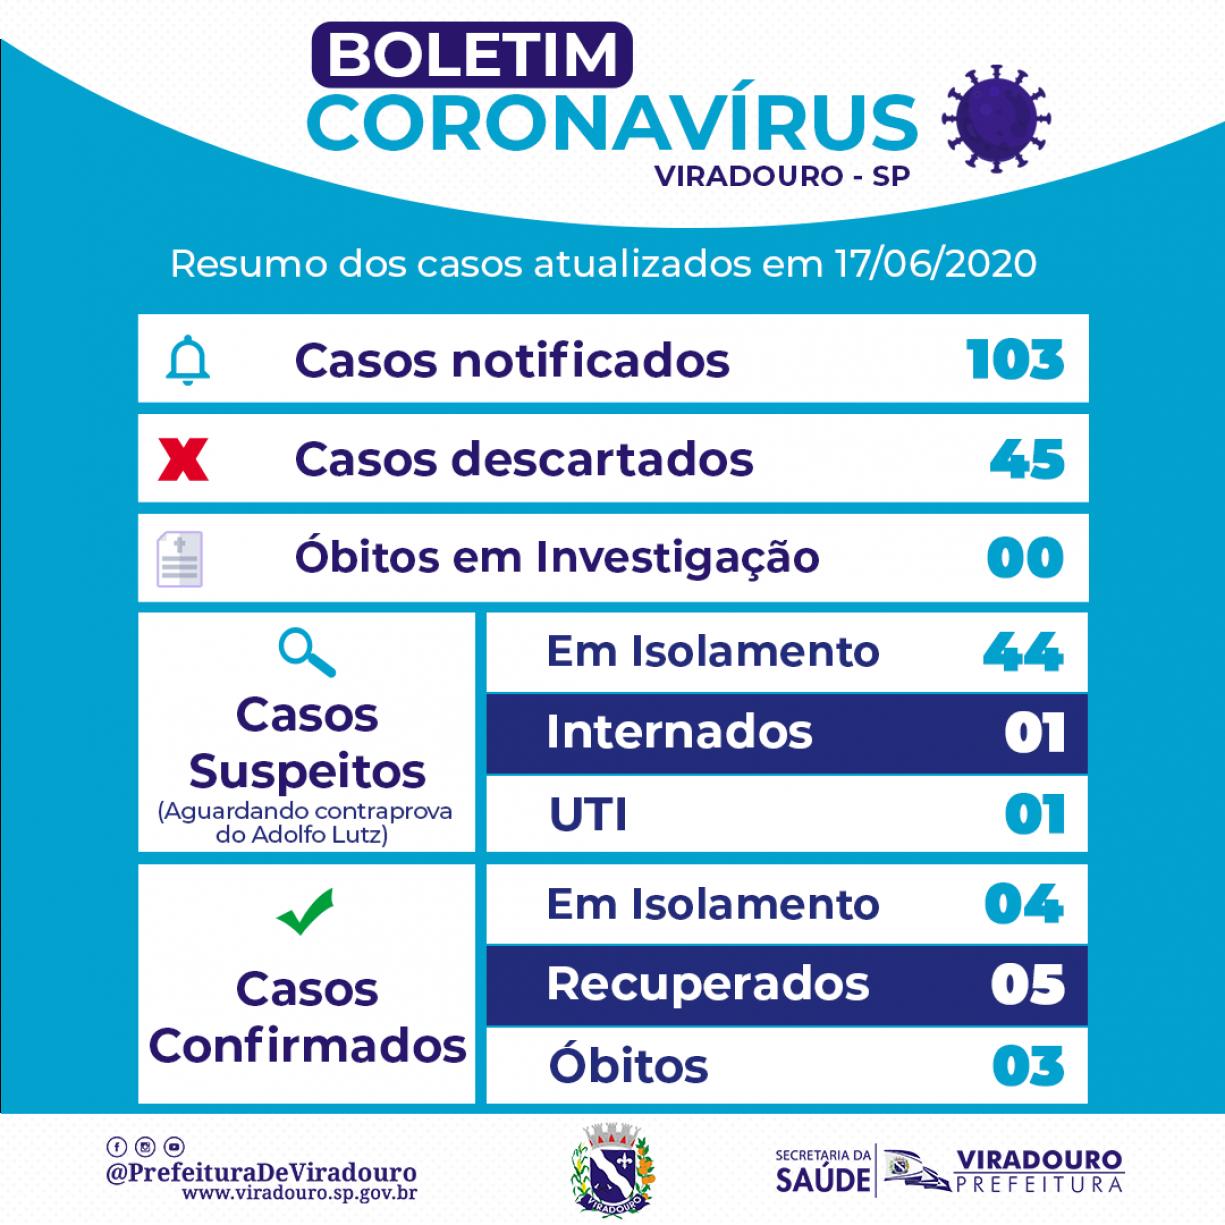 Boletim Epidemiológico Viradouro (Atualização 17/06/2020)